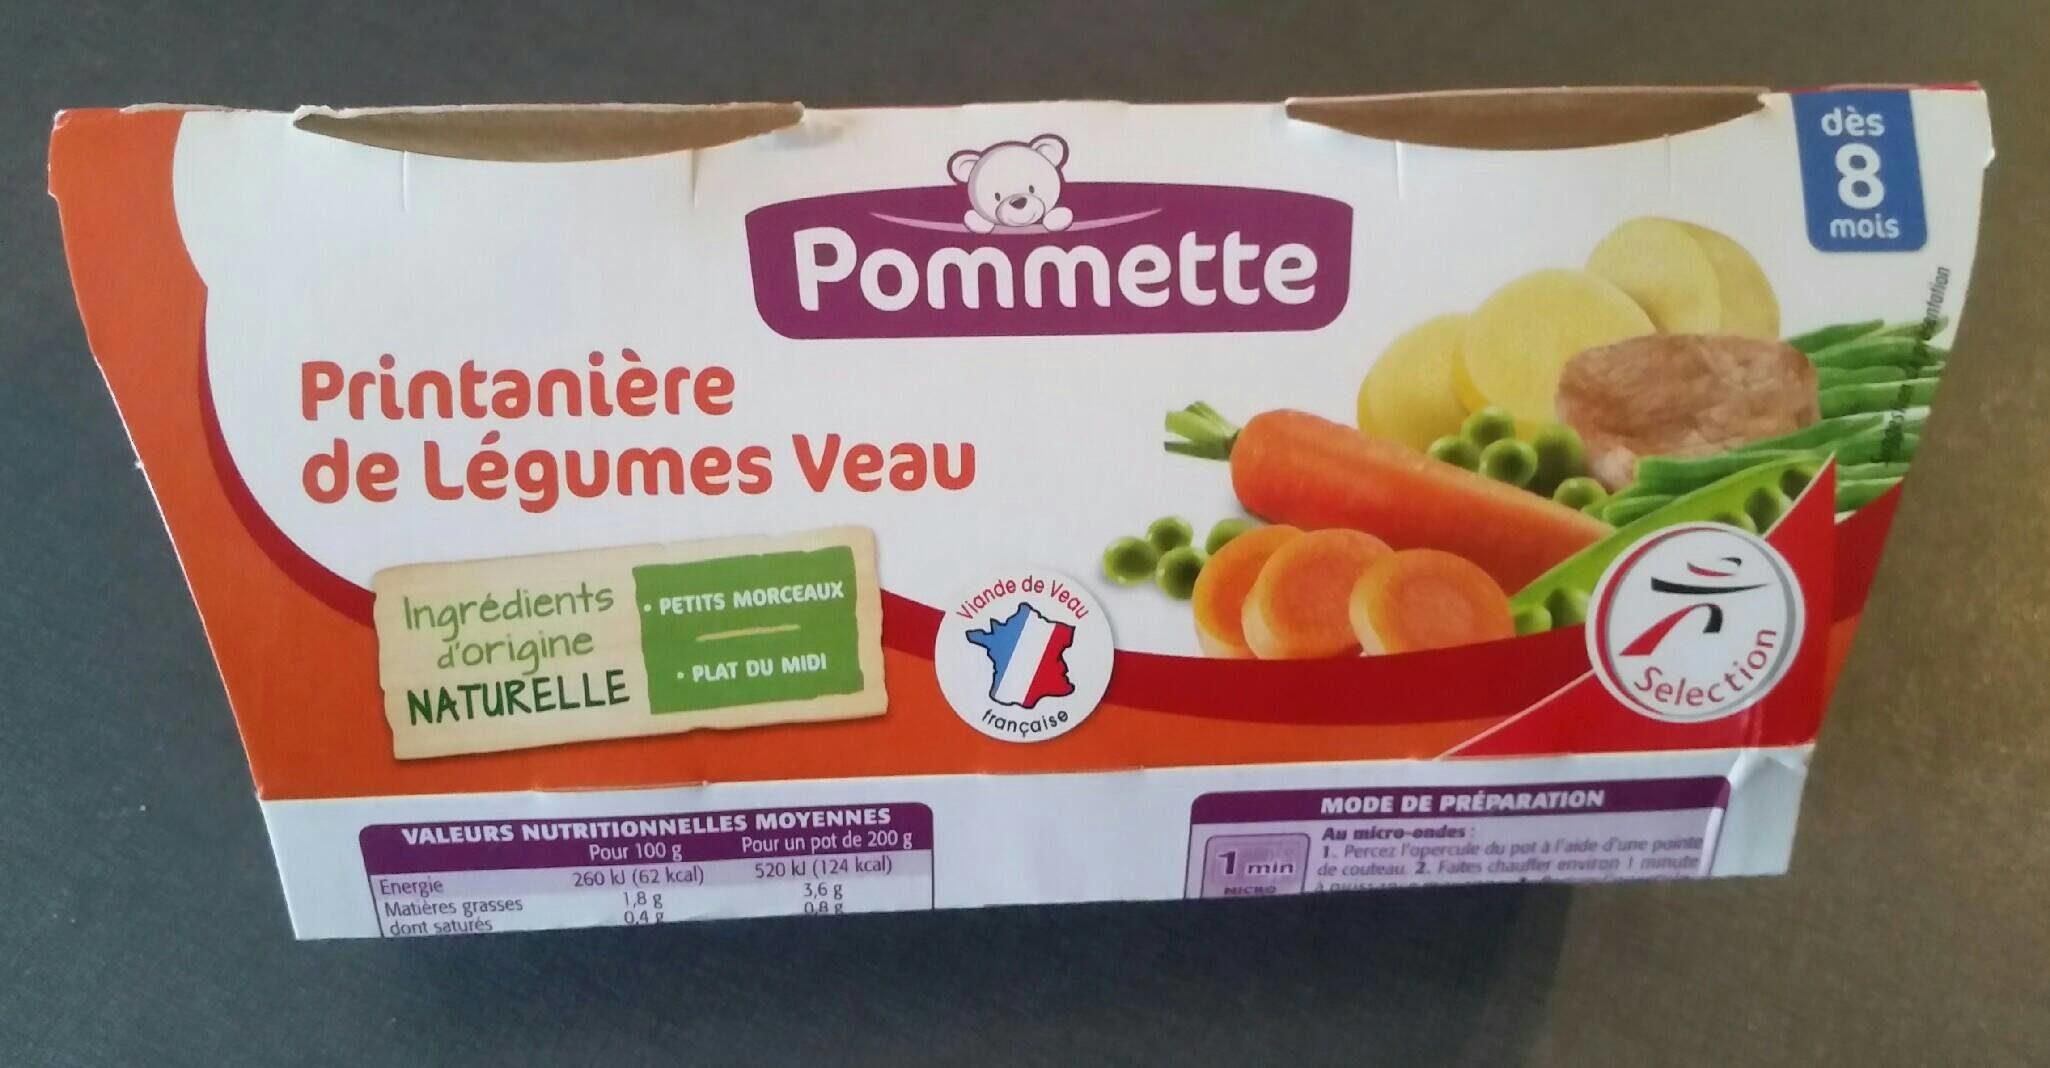 Pommette Printanière de légumes veau, dès 8 mois les 2 pots de 200 g - Produit